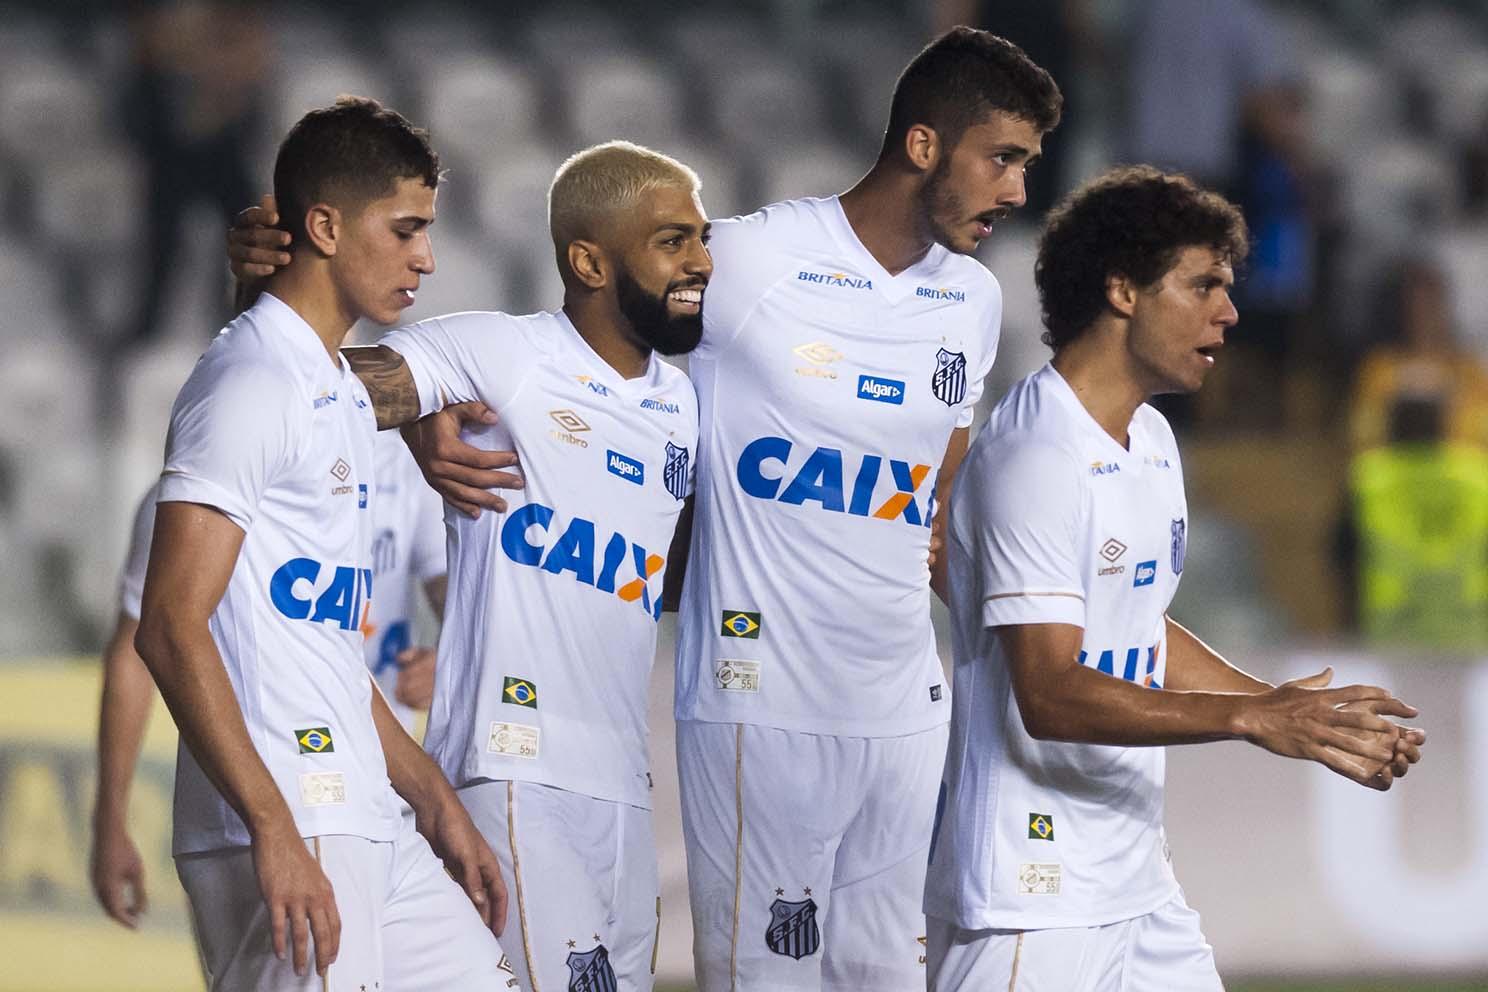 Para o torcedor, Santos não deve priorizar uma competição em 2018